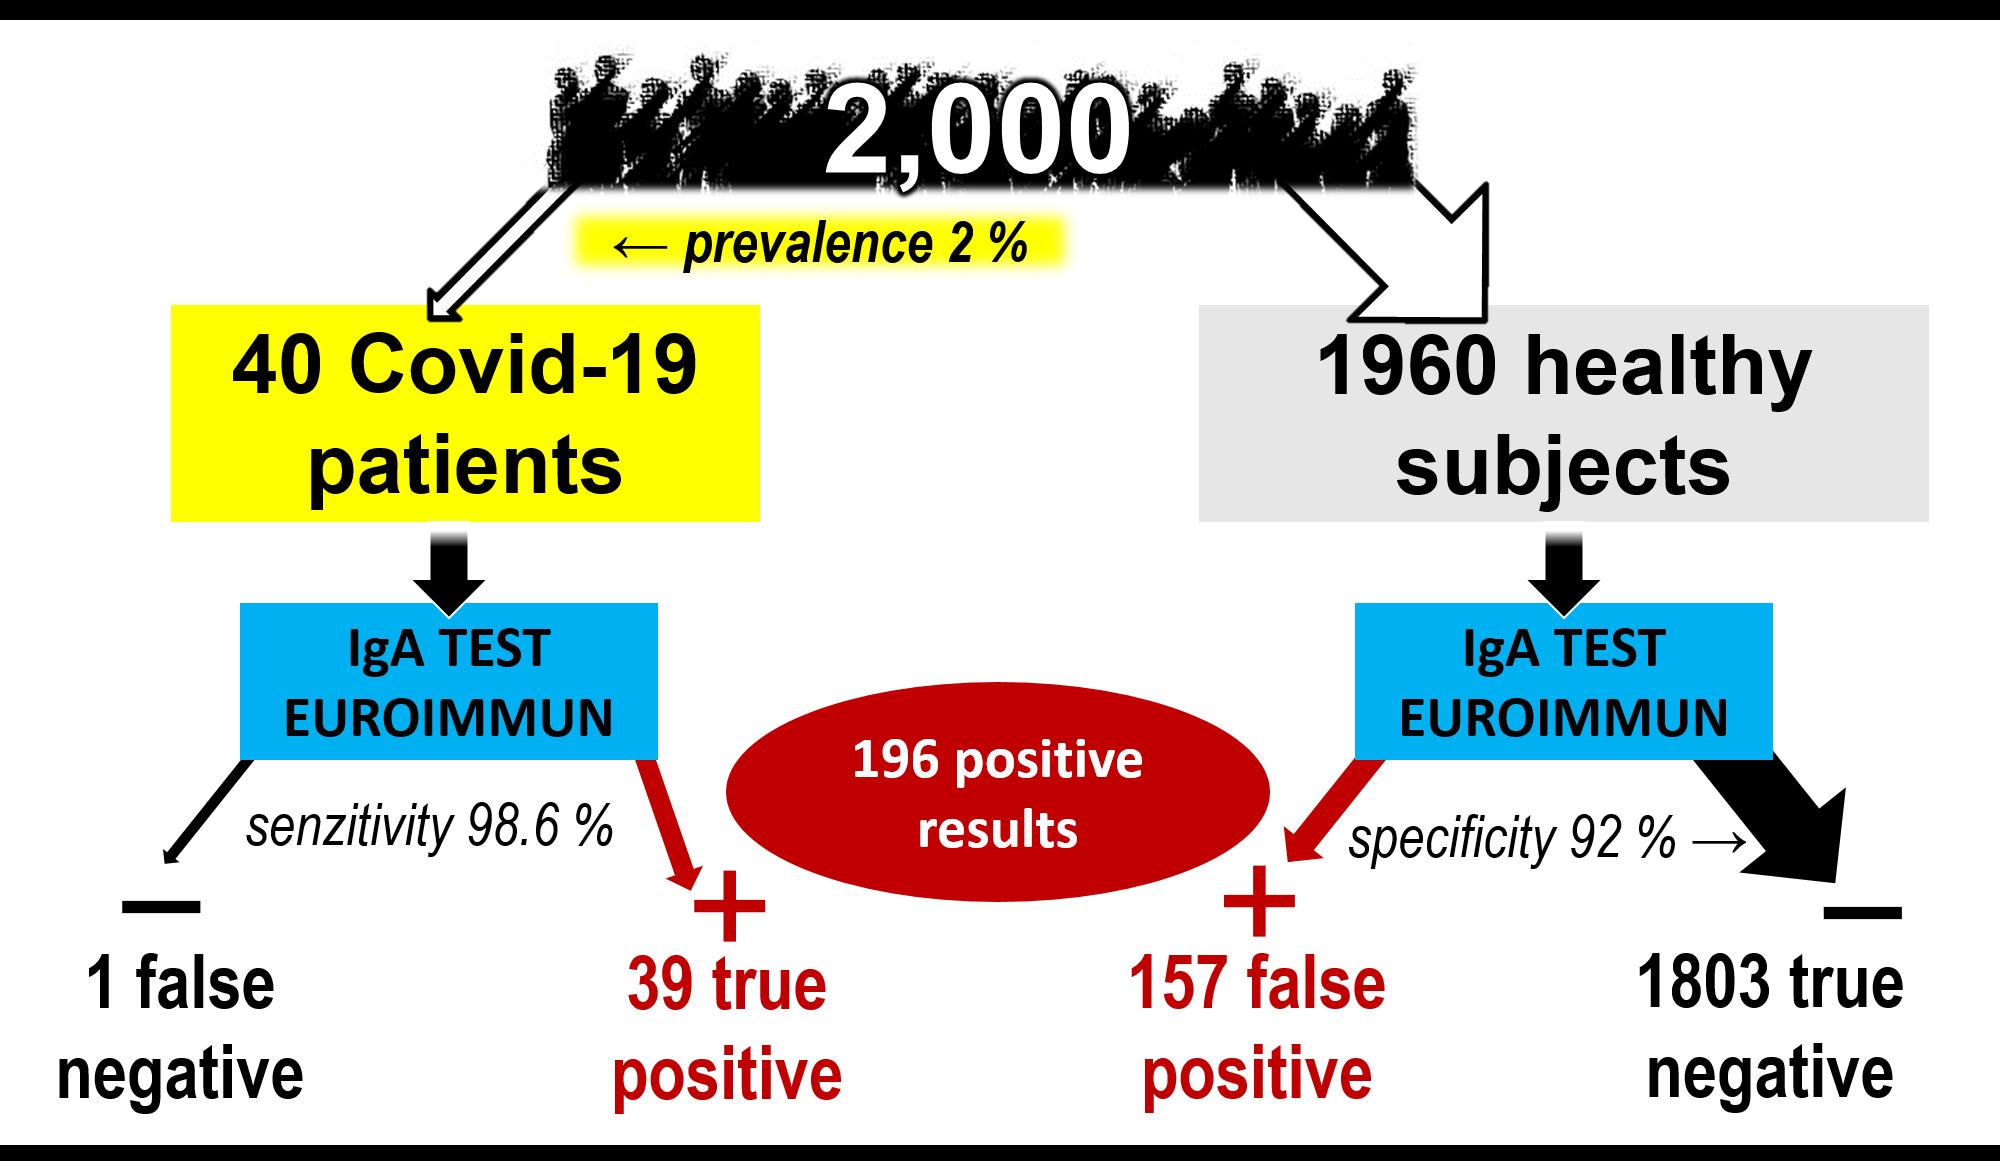 Predikce předpokládaného poměru správně/falešně pozitivních a správně/falešně negativních výsledků. Demonstrováno na souboru 2000 osob s2% prevalencí a definovanou specificitou a senzitivitou souprav. Výpočet byl proveden pro soupravy ELISA Euroimmun IgG (vlevo) a IgA (vpravo). Při vysoké specificitě IgG soupravy převažuje významně počet správně pozitivních výsledků nad falešně pozitivními, vpřípadě nižší specificity testu IgA významně převažuje počet falešně pozitivních osob nad správně pozitivními. Falešná negativita nepředstavuje při nízké prevalenci výrazný problém. (Ilustrace: H. Šimková)